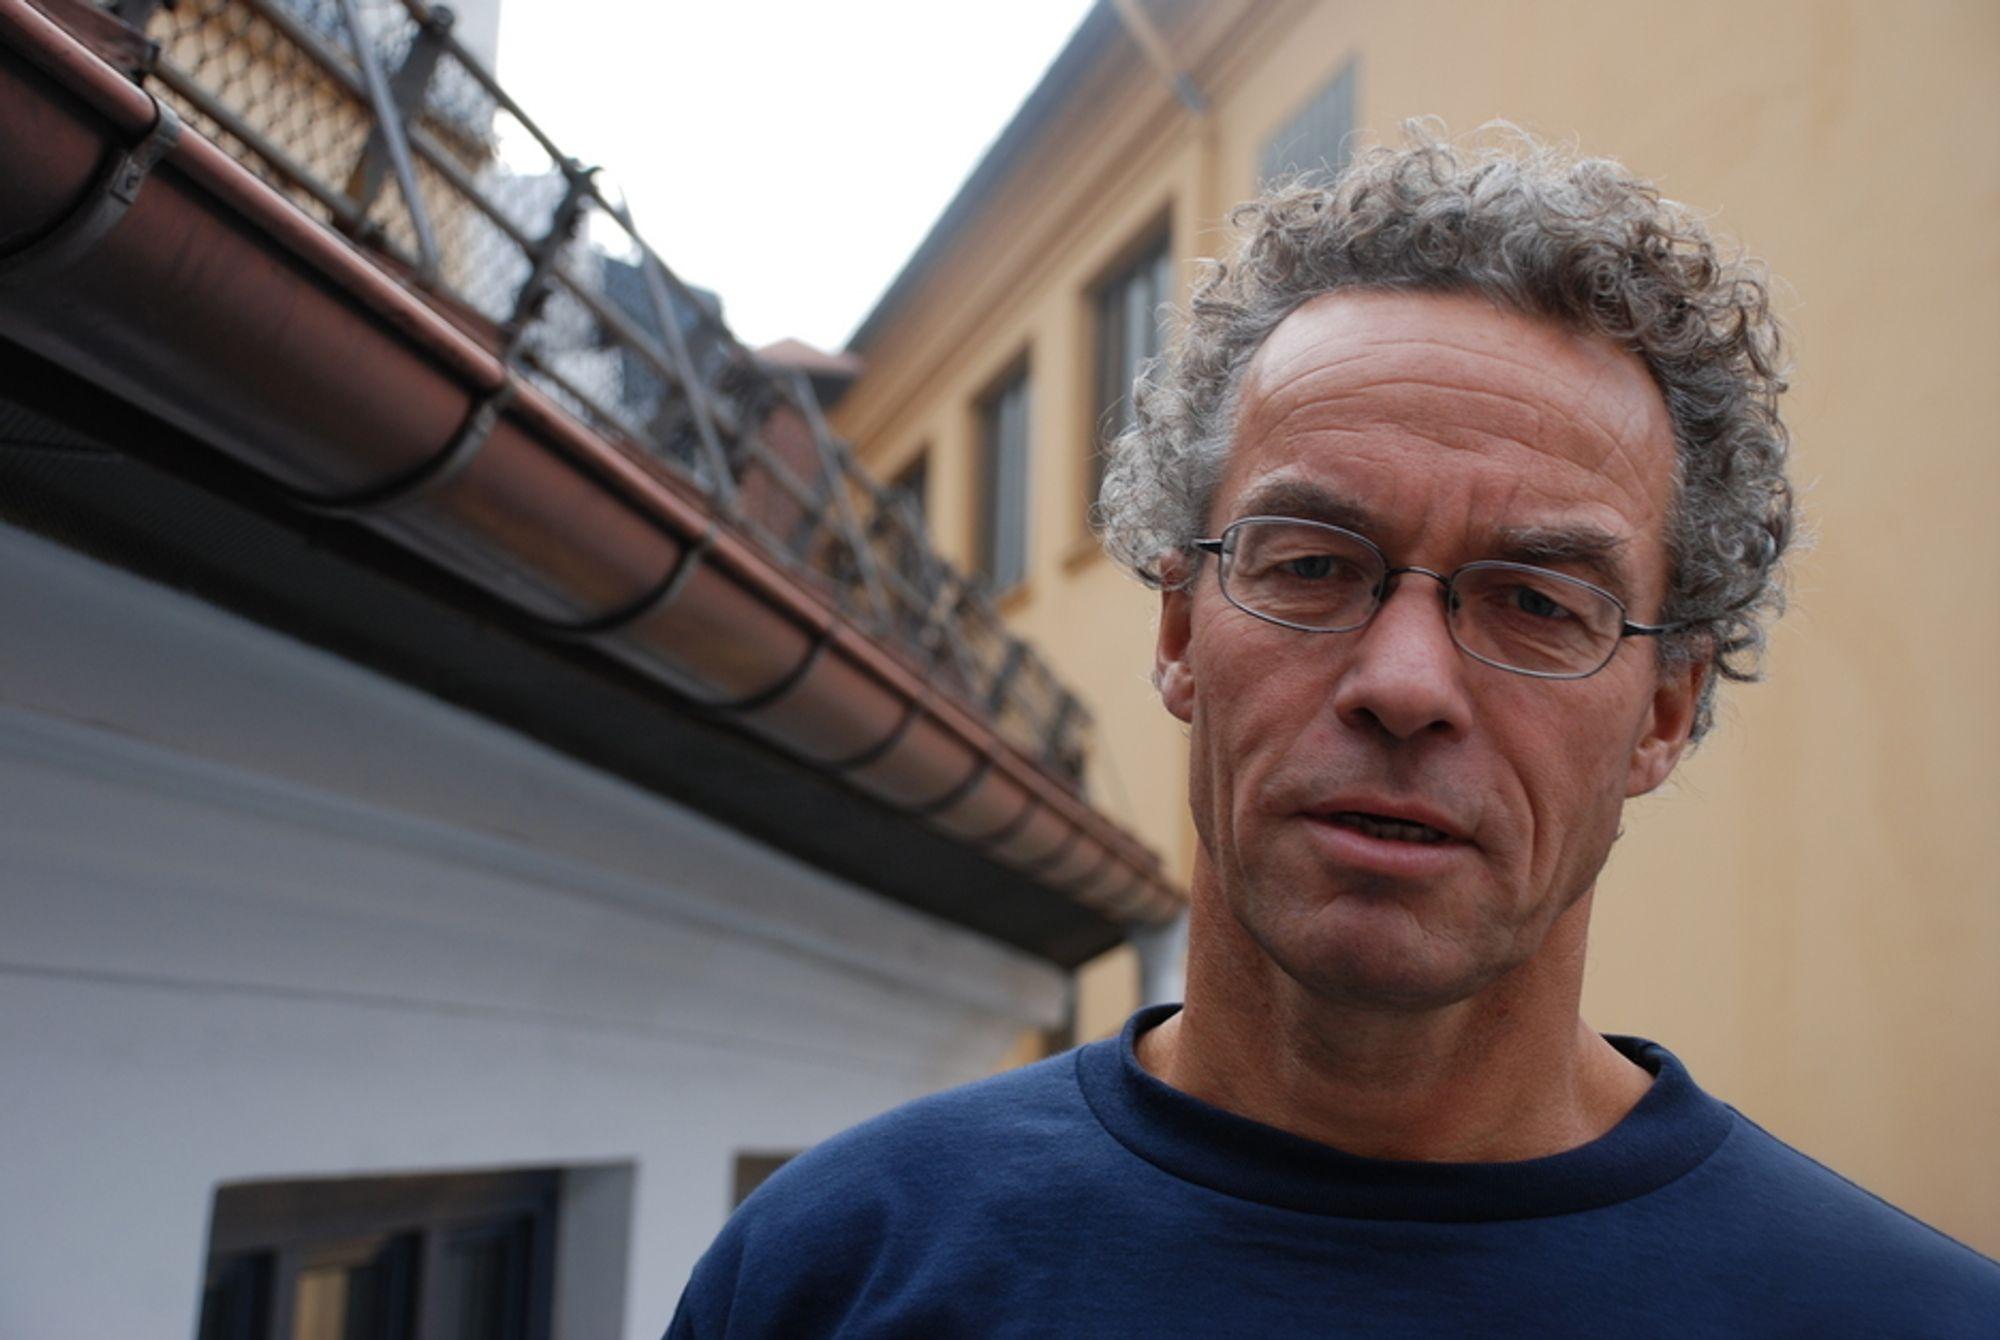 MÅ FØLGE MED I TIMEN: - Det norske dekkgjenvinningssystemet var et kjempeframskritt da det kom. Nå tyder ting på at verden har kommet videre, sier Rasmus Hanson, generalsekretær i WWF.